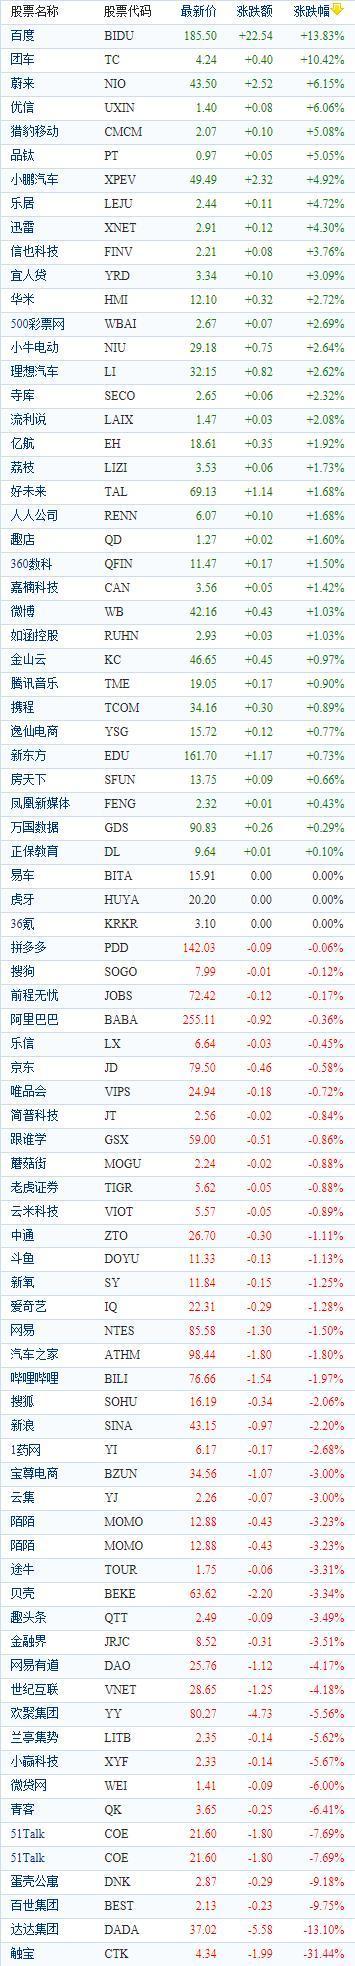 中国概念股周二收盘涨跌互现 触宝(CTK)重挫31.44%